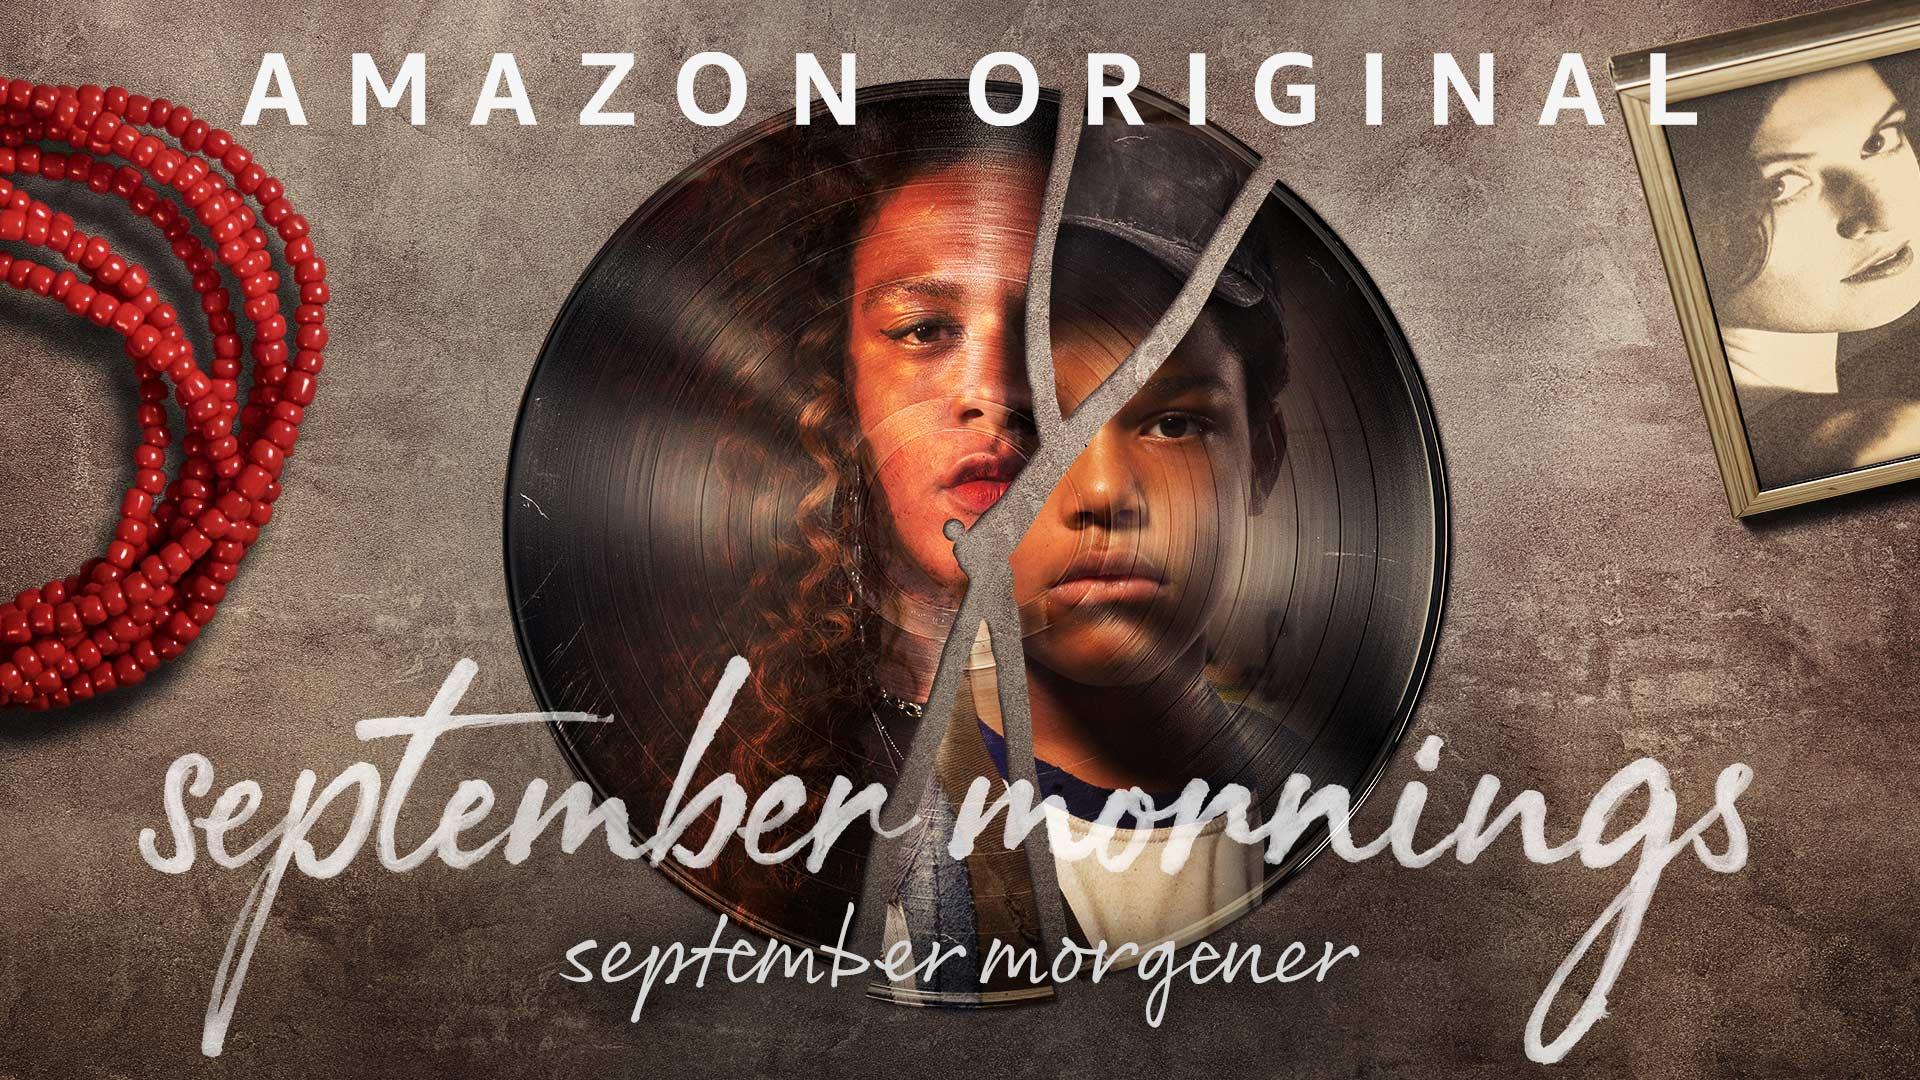 Septembermorgener - Sæson 1